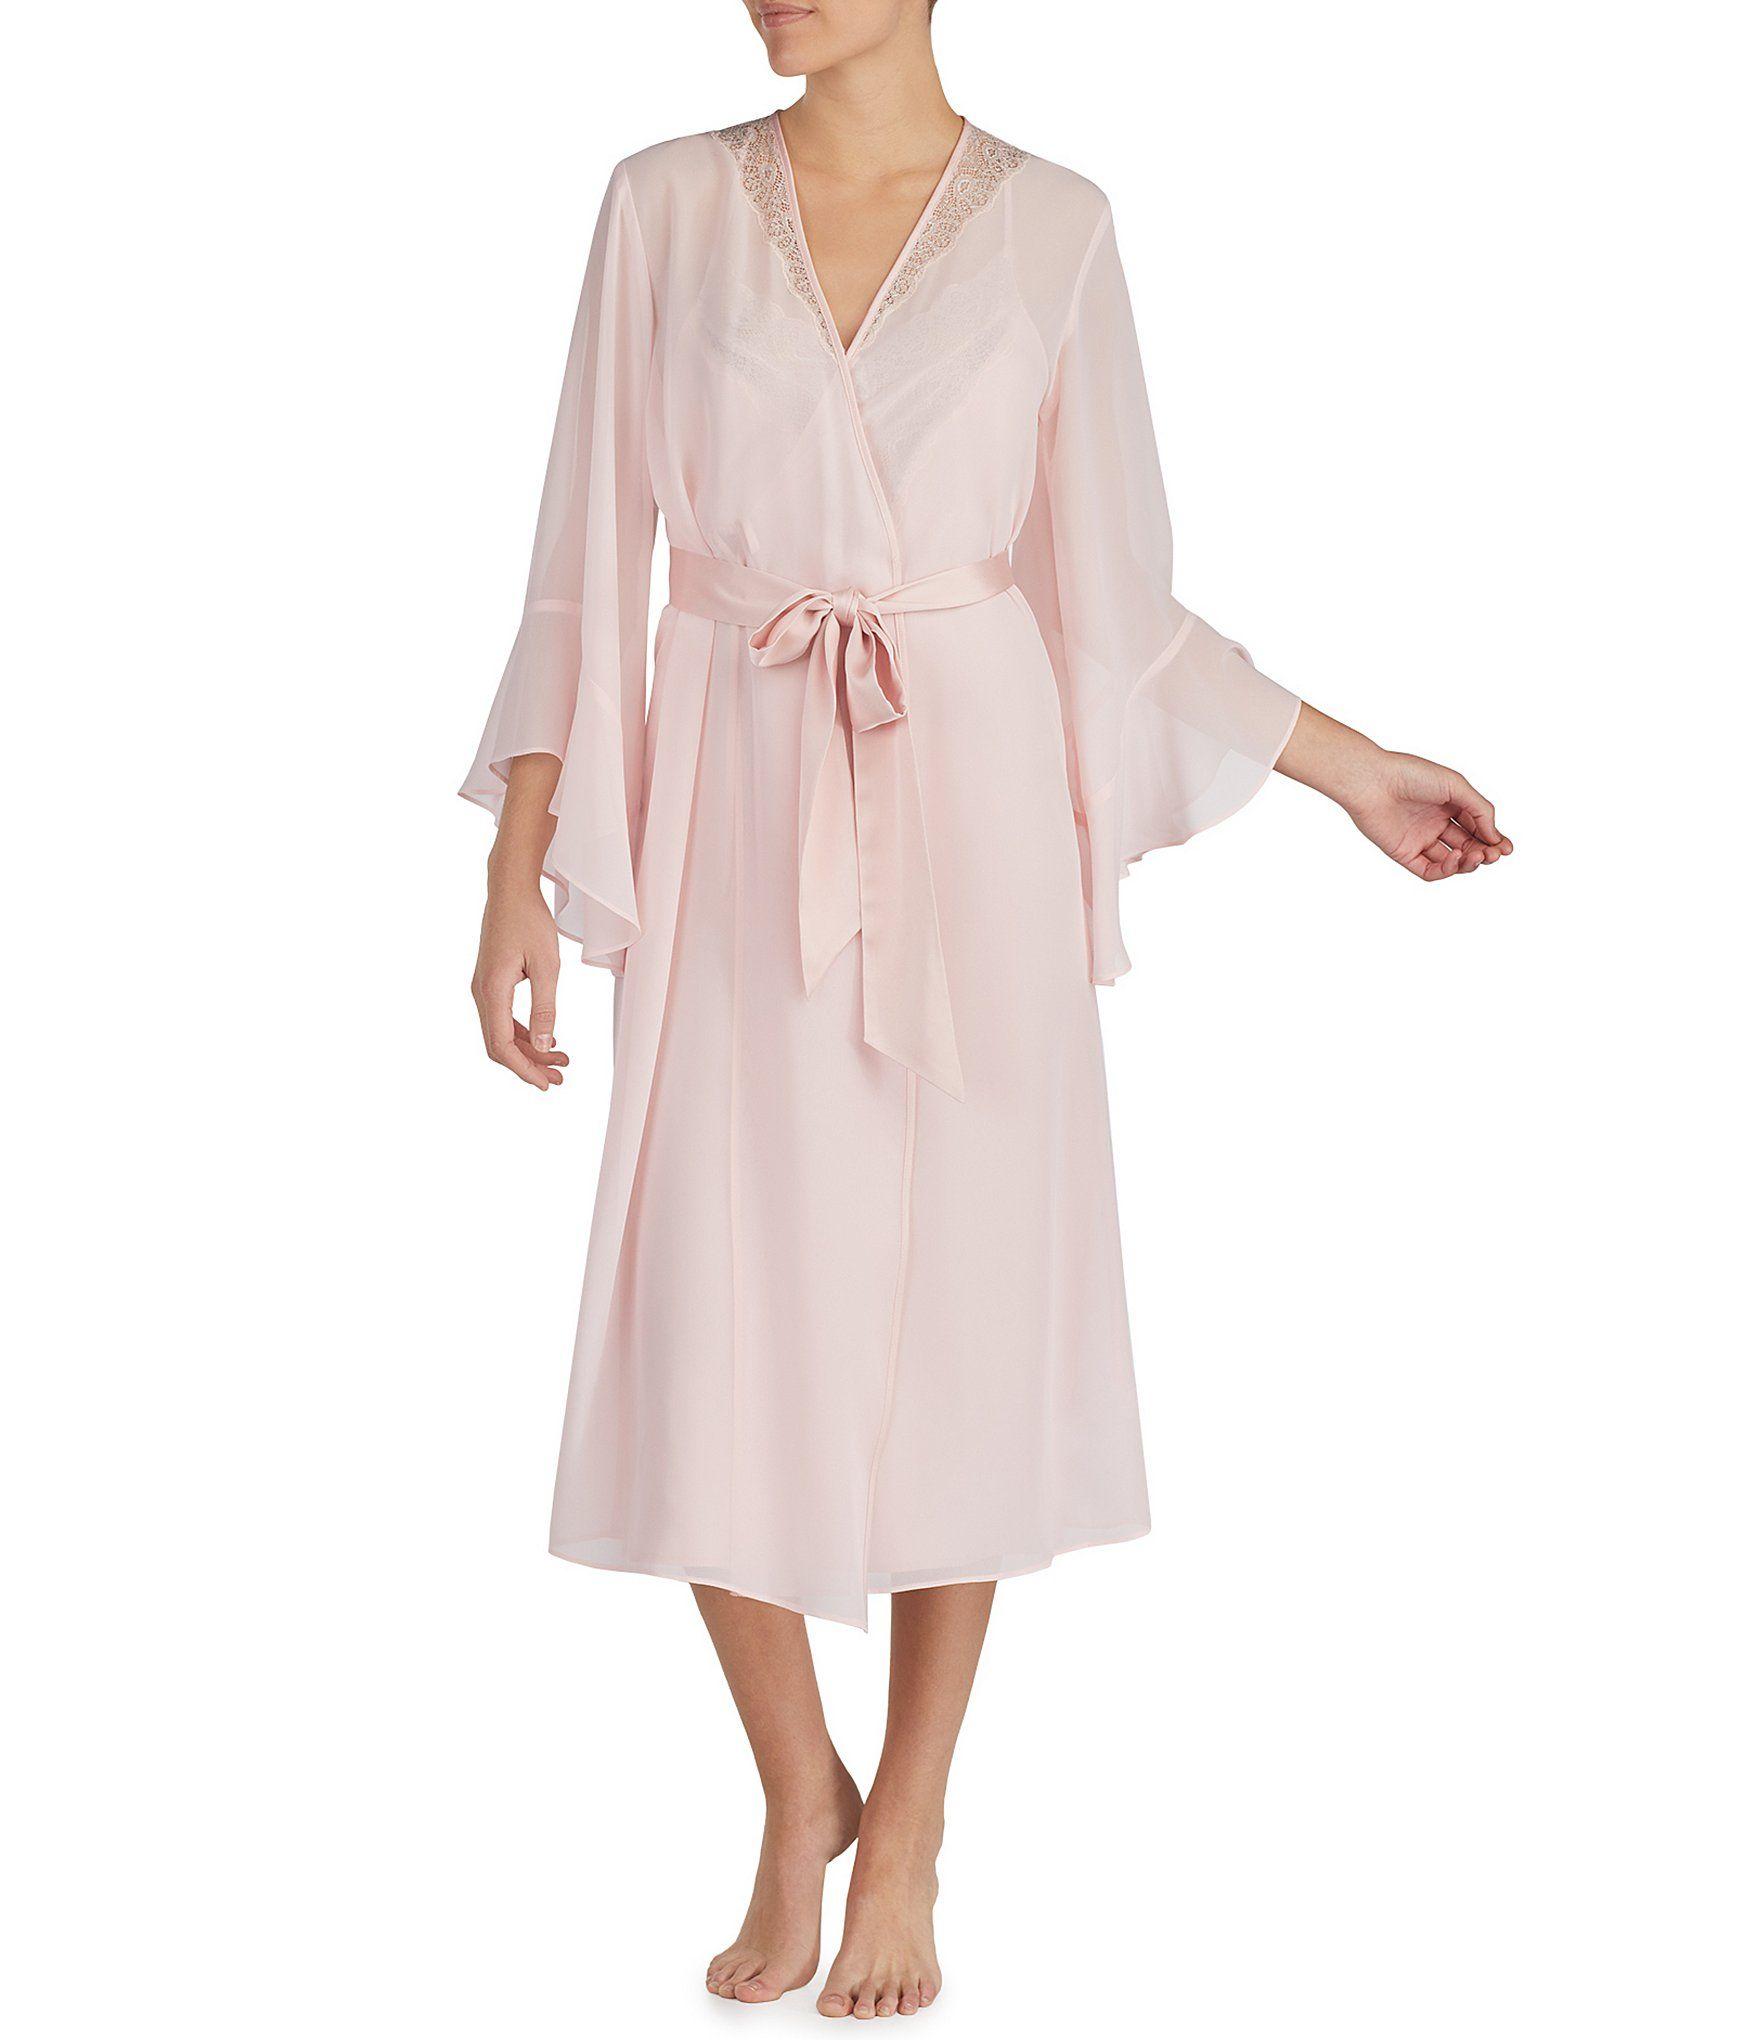 e2b6ad3c907 H Halston Chiffon and Lace Long Wrap Robe  Dillards